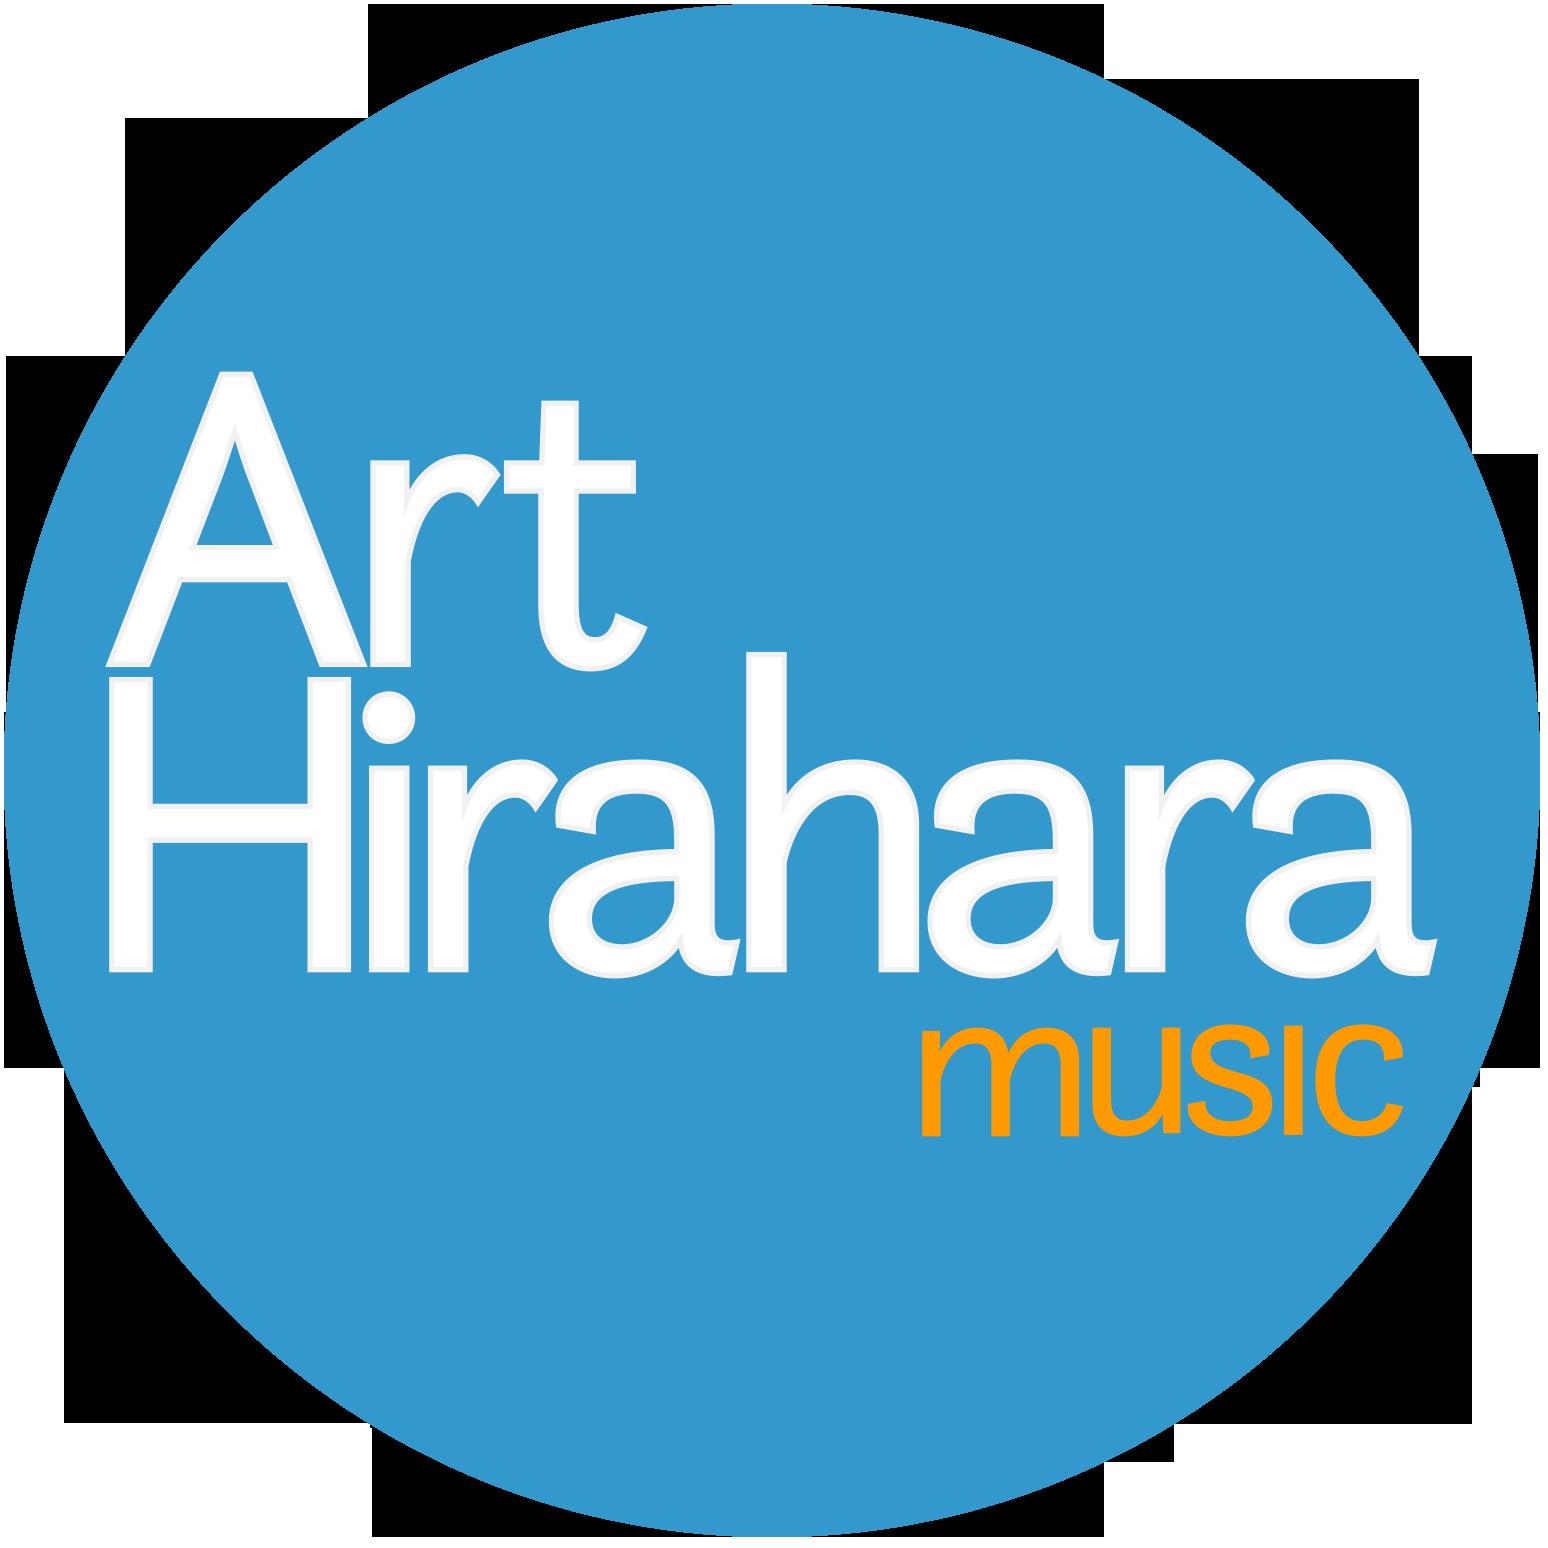 arthirahara.com